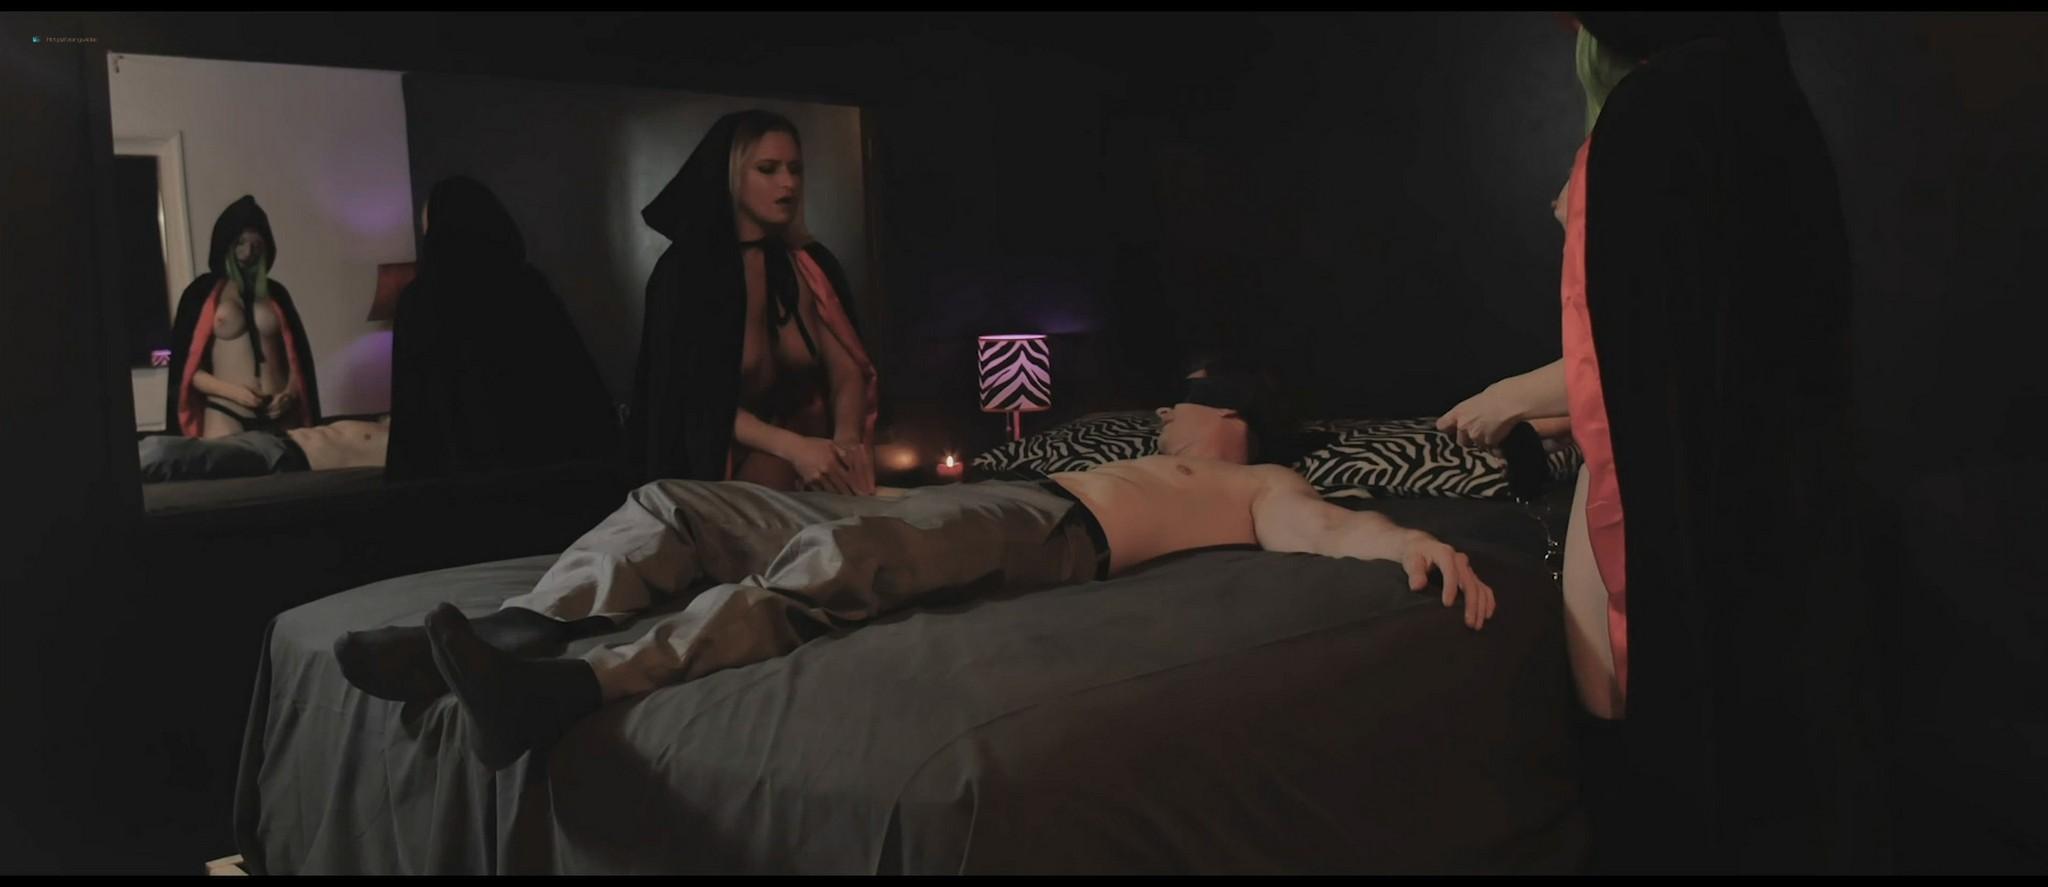 Sablique nude Fae D'Cay, Lauren Fogle nude topless - Scare Me (2016) HD 1080p Web (11)